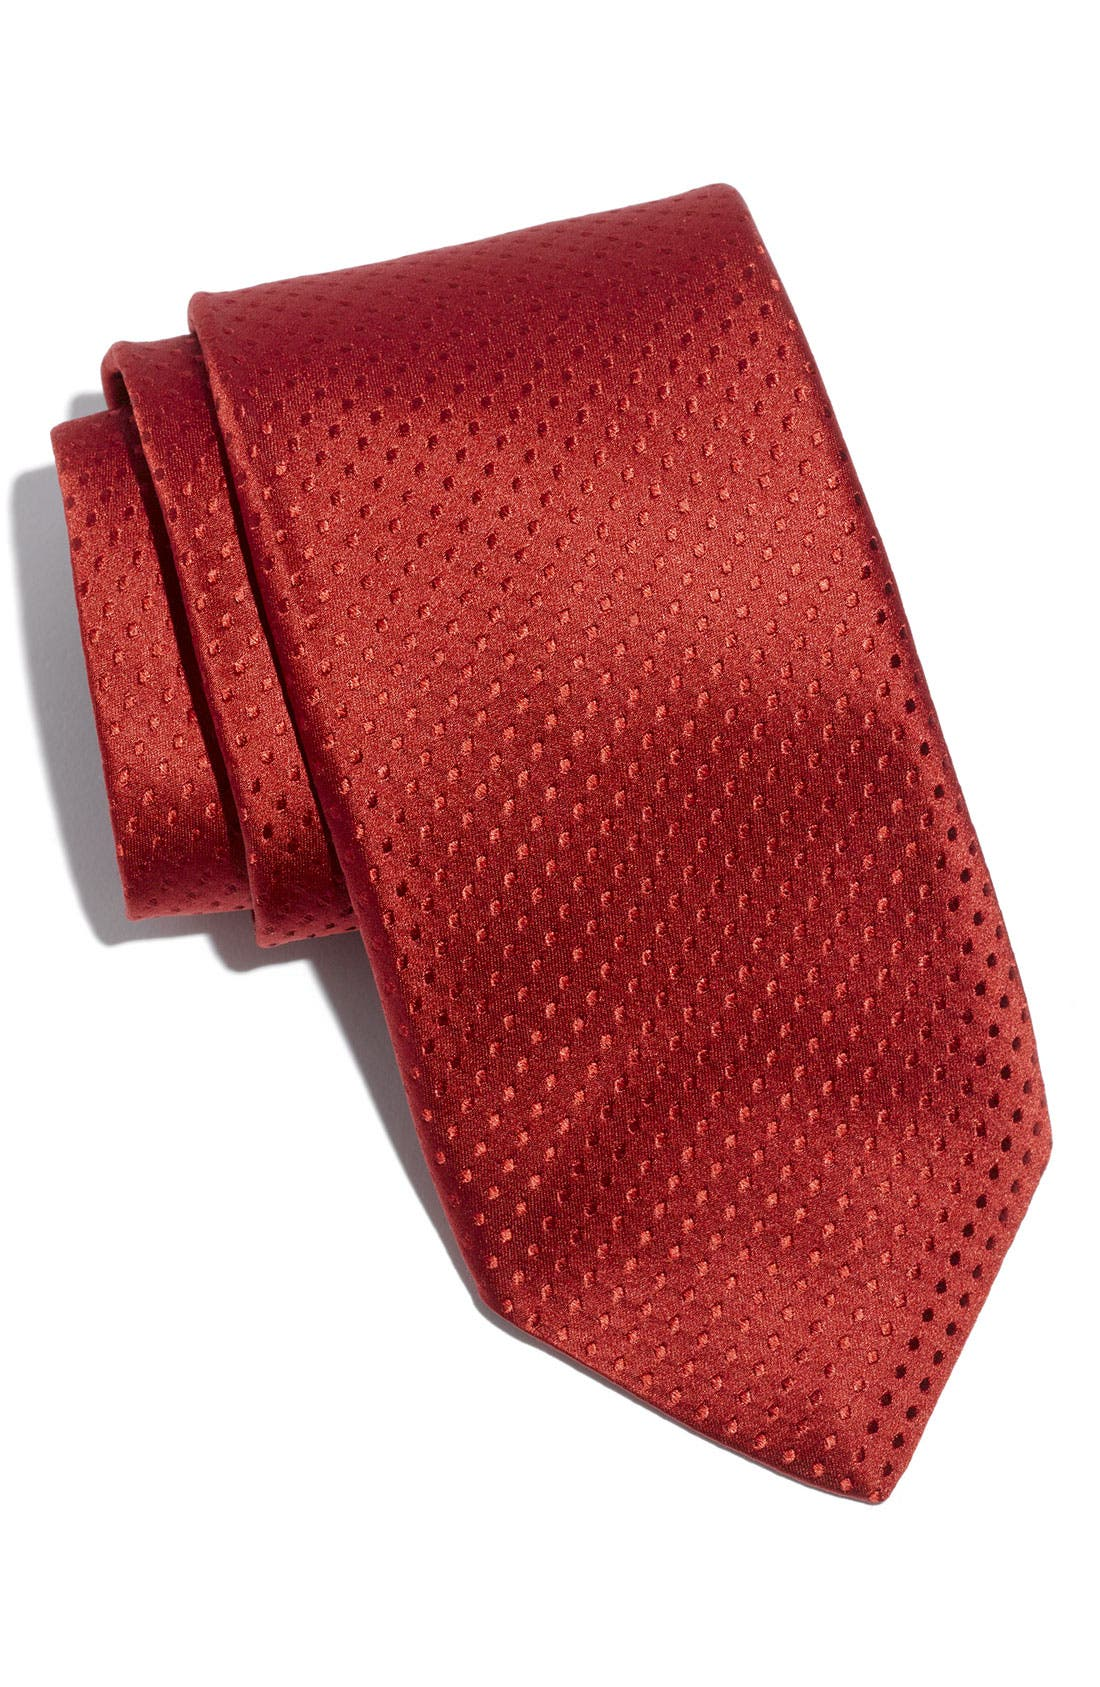 Main Image - Robert Talbott Woven Silk Tie